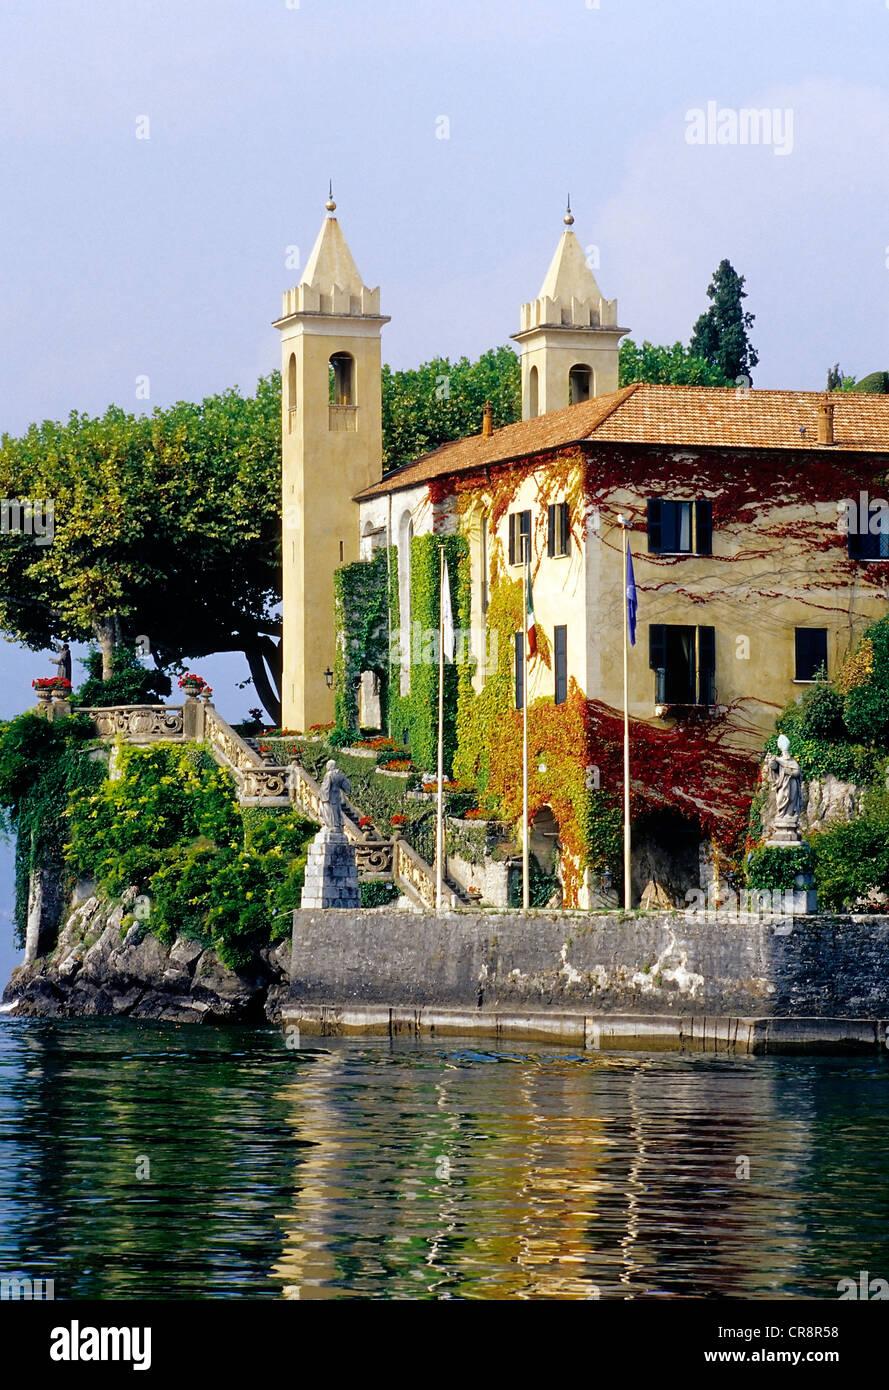 Villa del Balbianello, Lavedo peninsula, Lenno, Lake Como, Como region, Lombardy, Italy, Europe Stock Photo